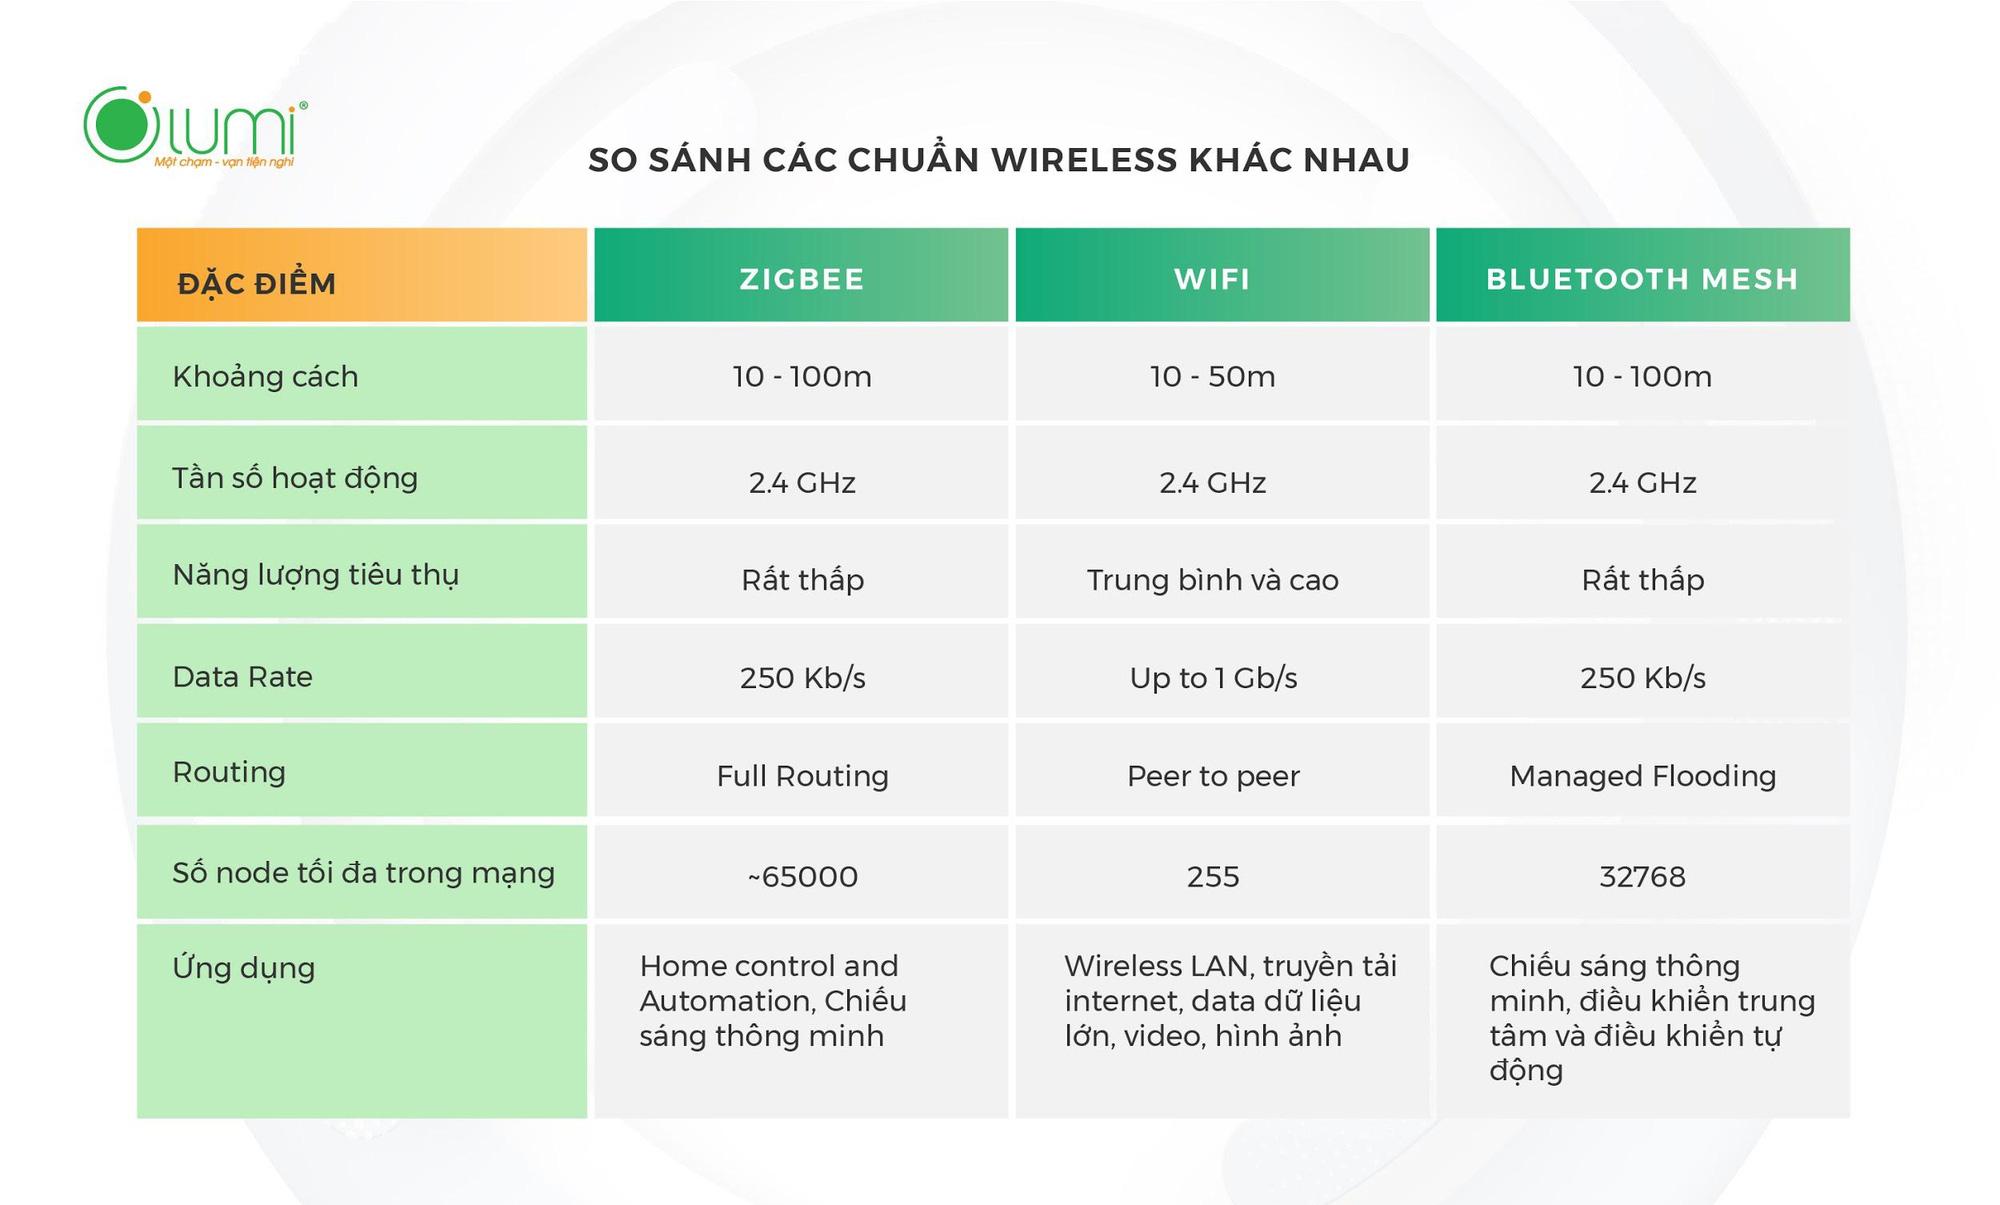 So sánh đèn thông minh sóng Zigbee, Wifi, Bluetooth mesh: mạng không dây nào mang lại trải nghiệm tốt hơn? - Ảnh 1.